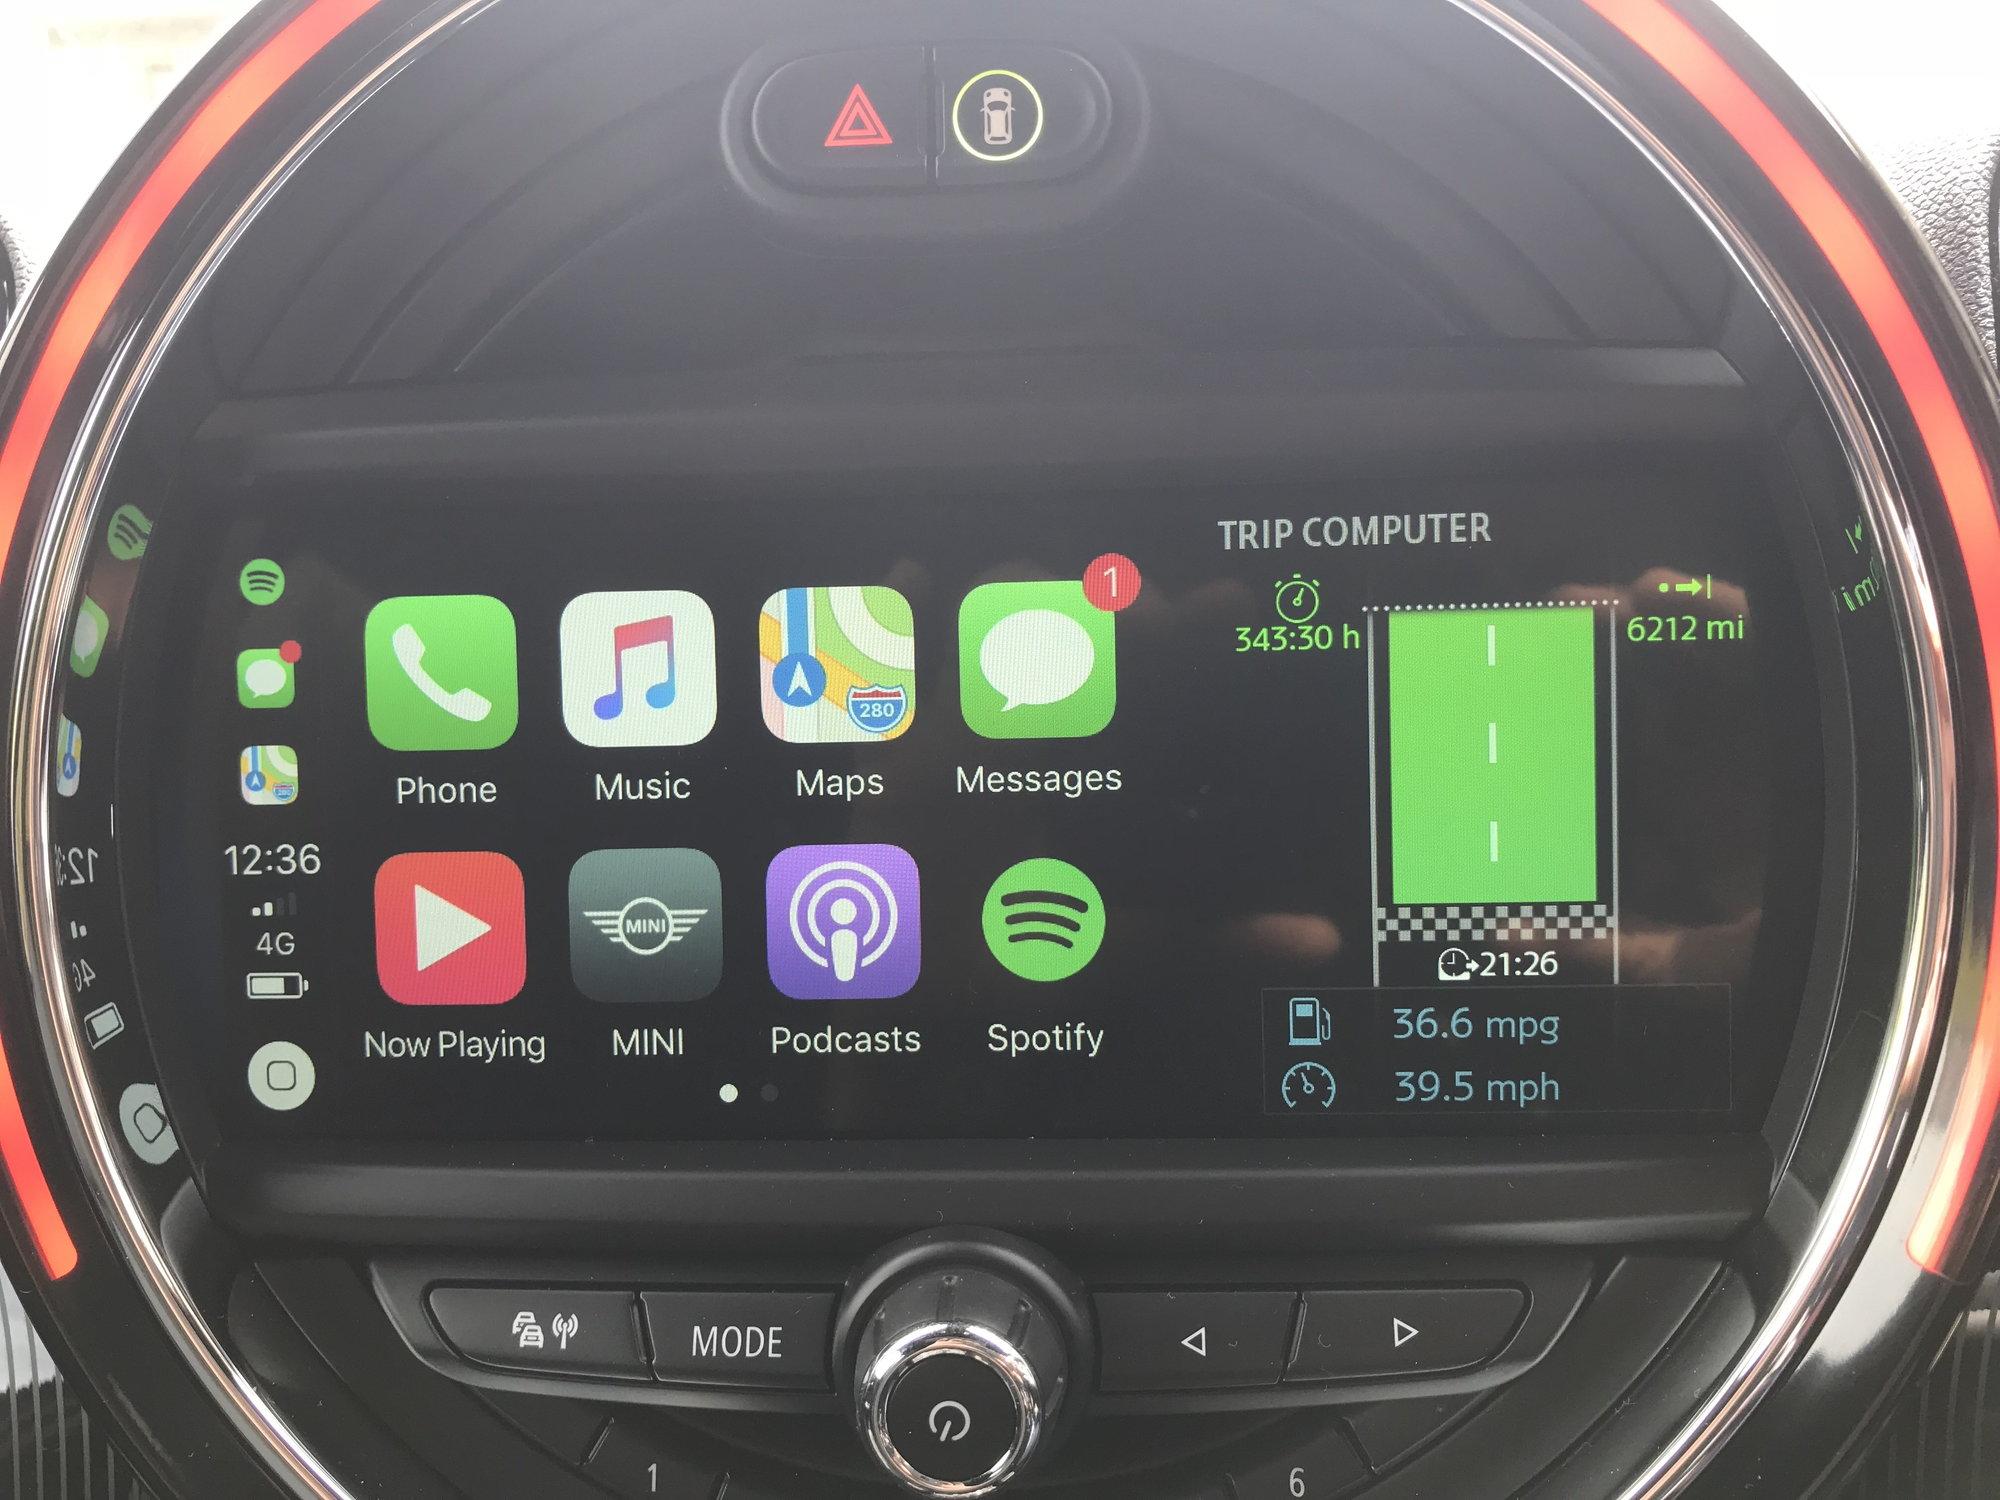 F60 Carplay finally! - North American Motoring